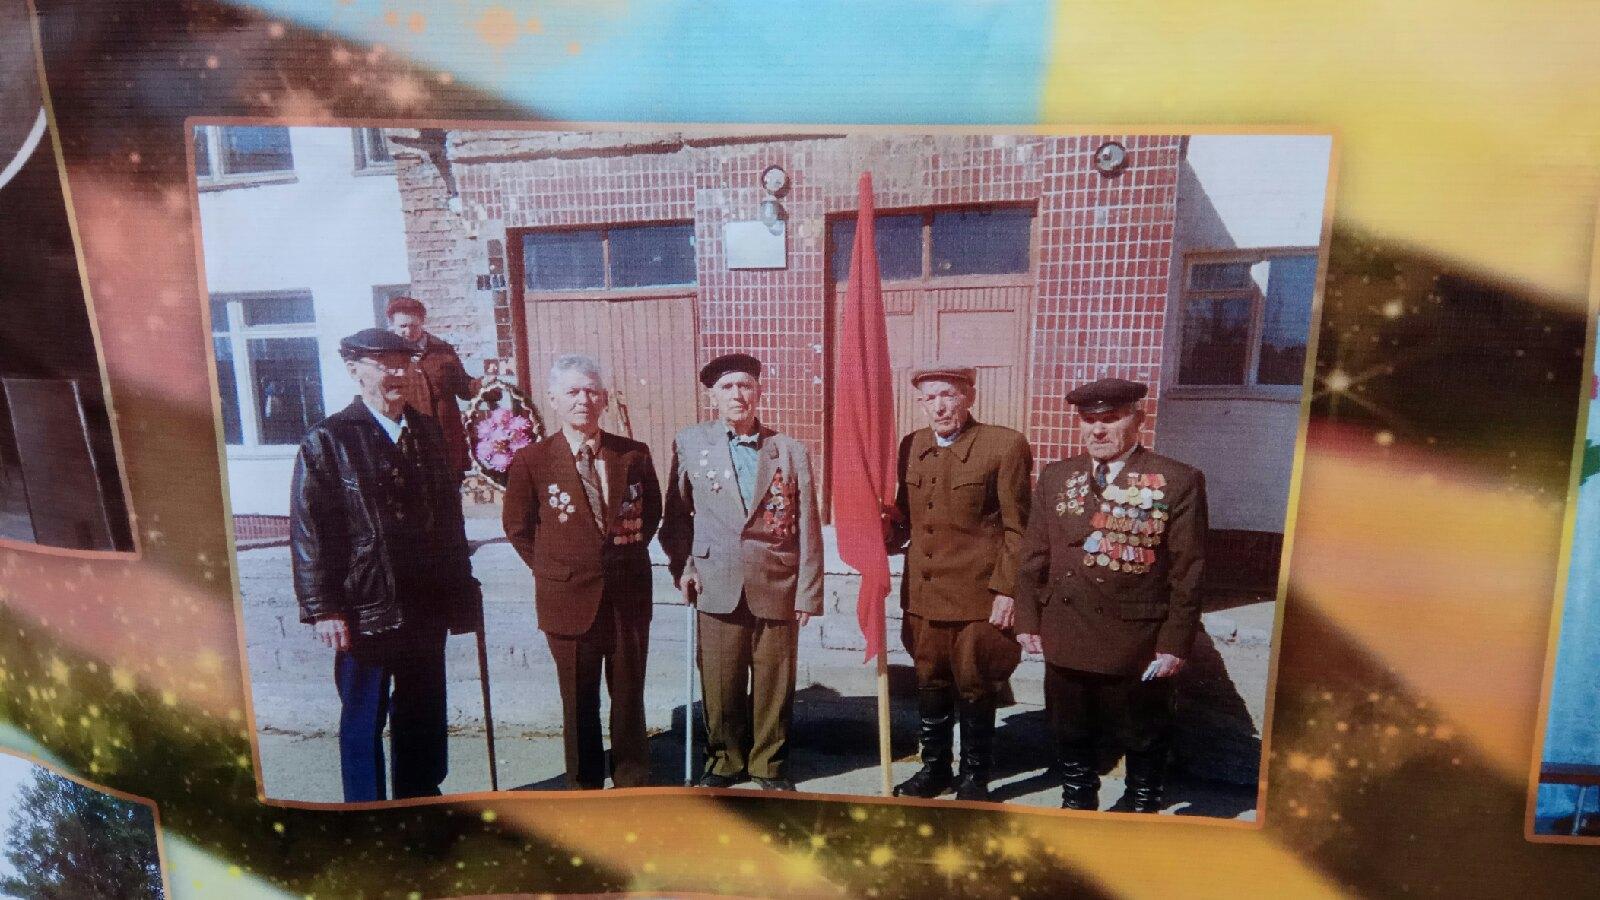 Фото Бессмертный полк офлайн: новосибирцы придумали способ принять участие в традиционной акции на День Победы 5